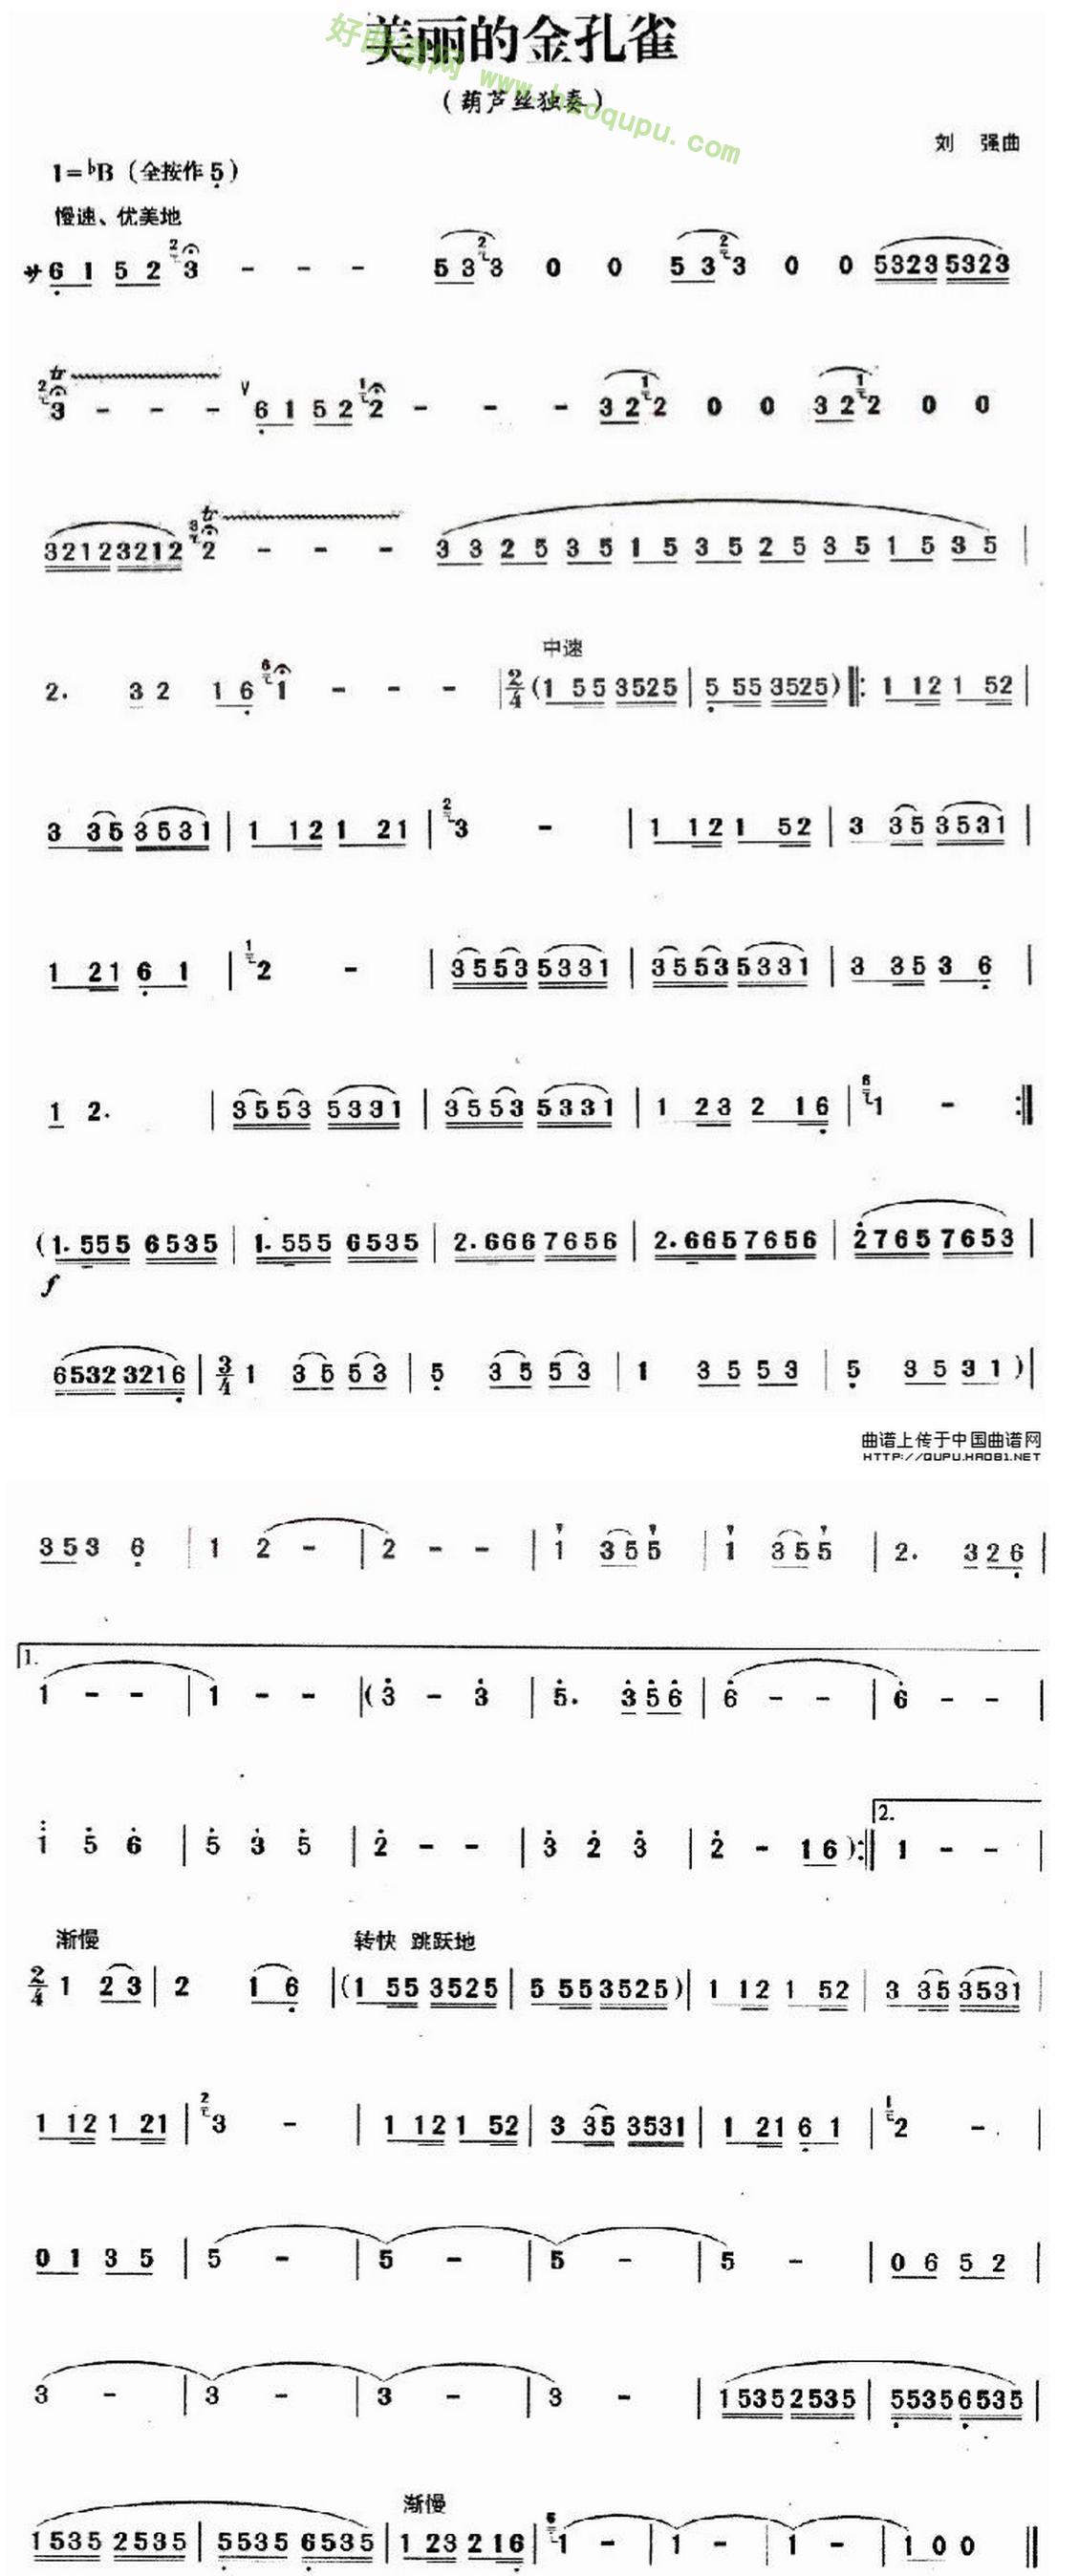 《美丽的金孔雀》(刘强作曲版)葫芦丝曲谱第1张